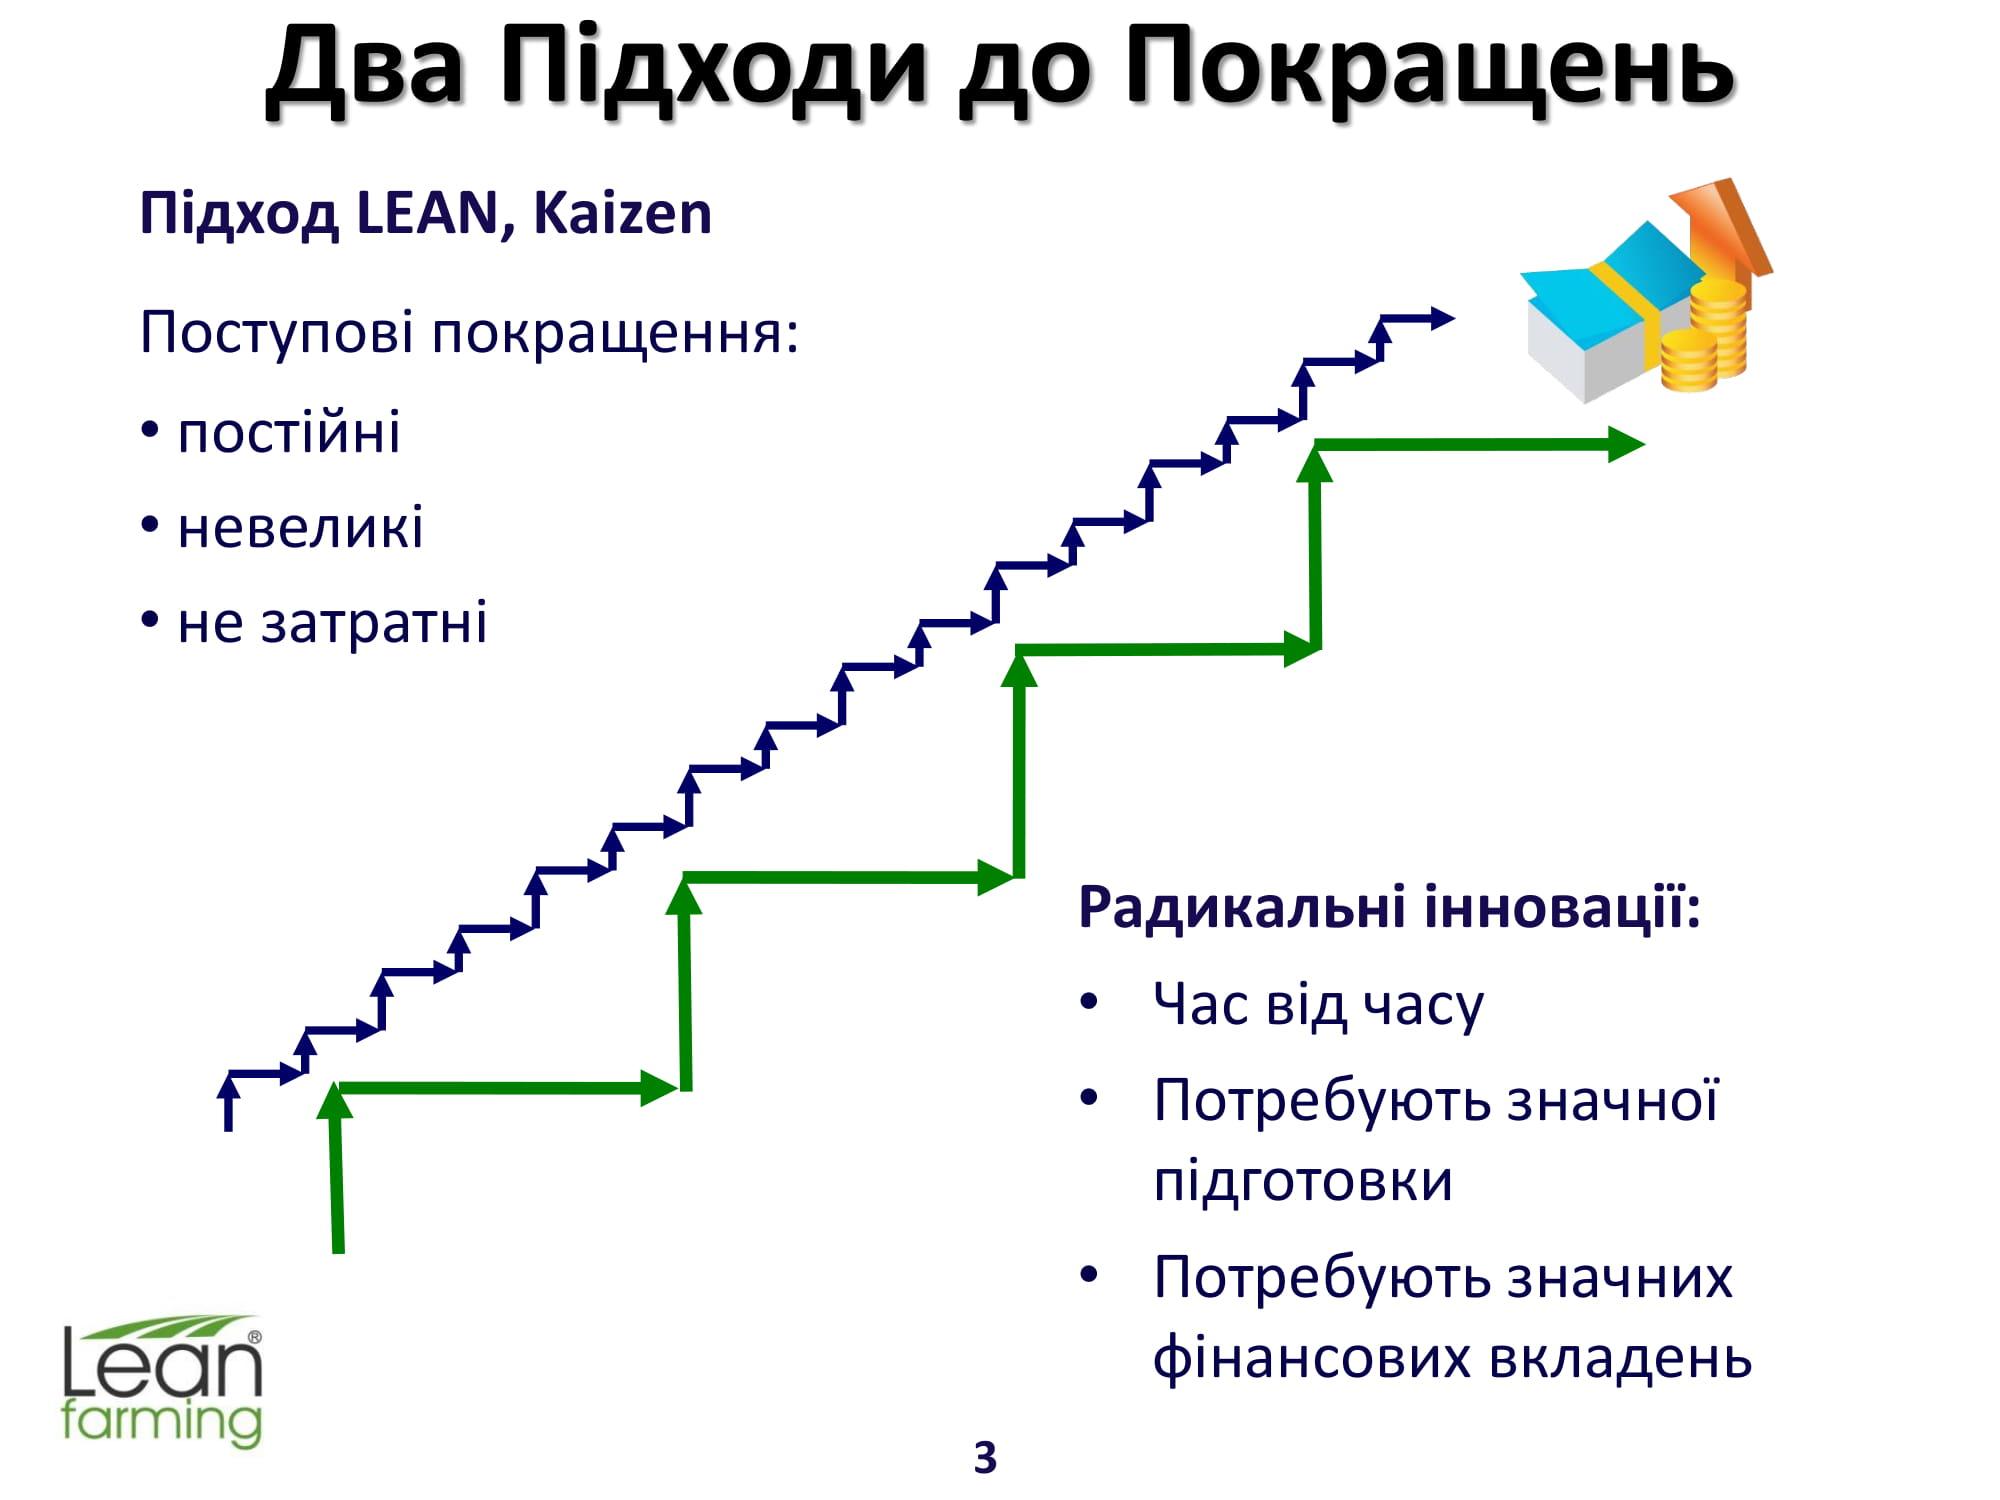 Romantsov Roman Oshhadlyve Fermerstvo 15 03 18 03